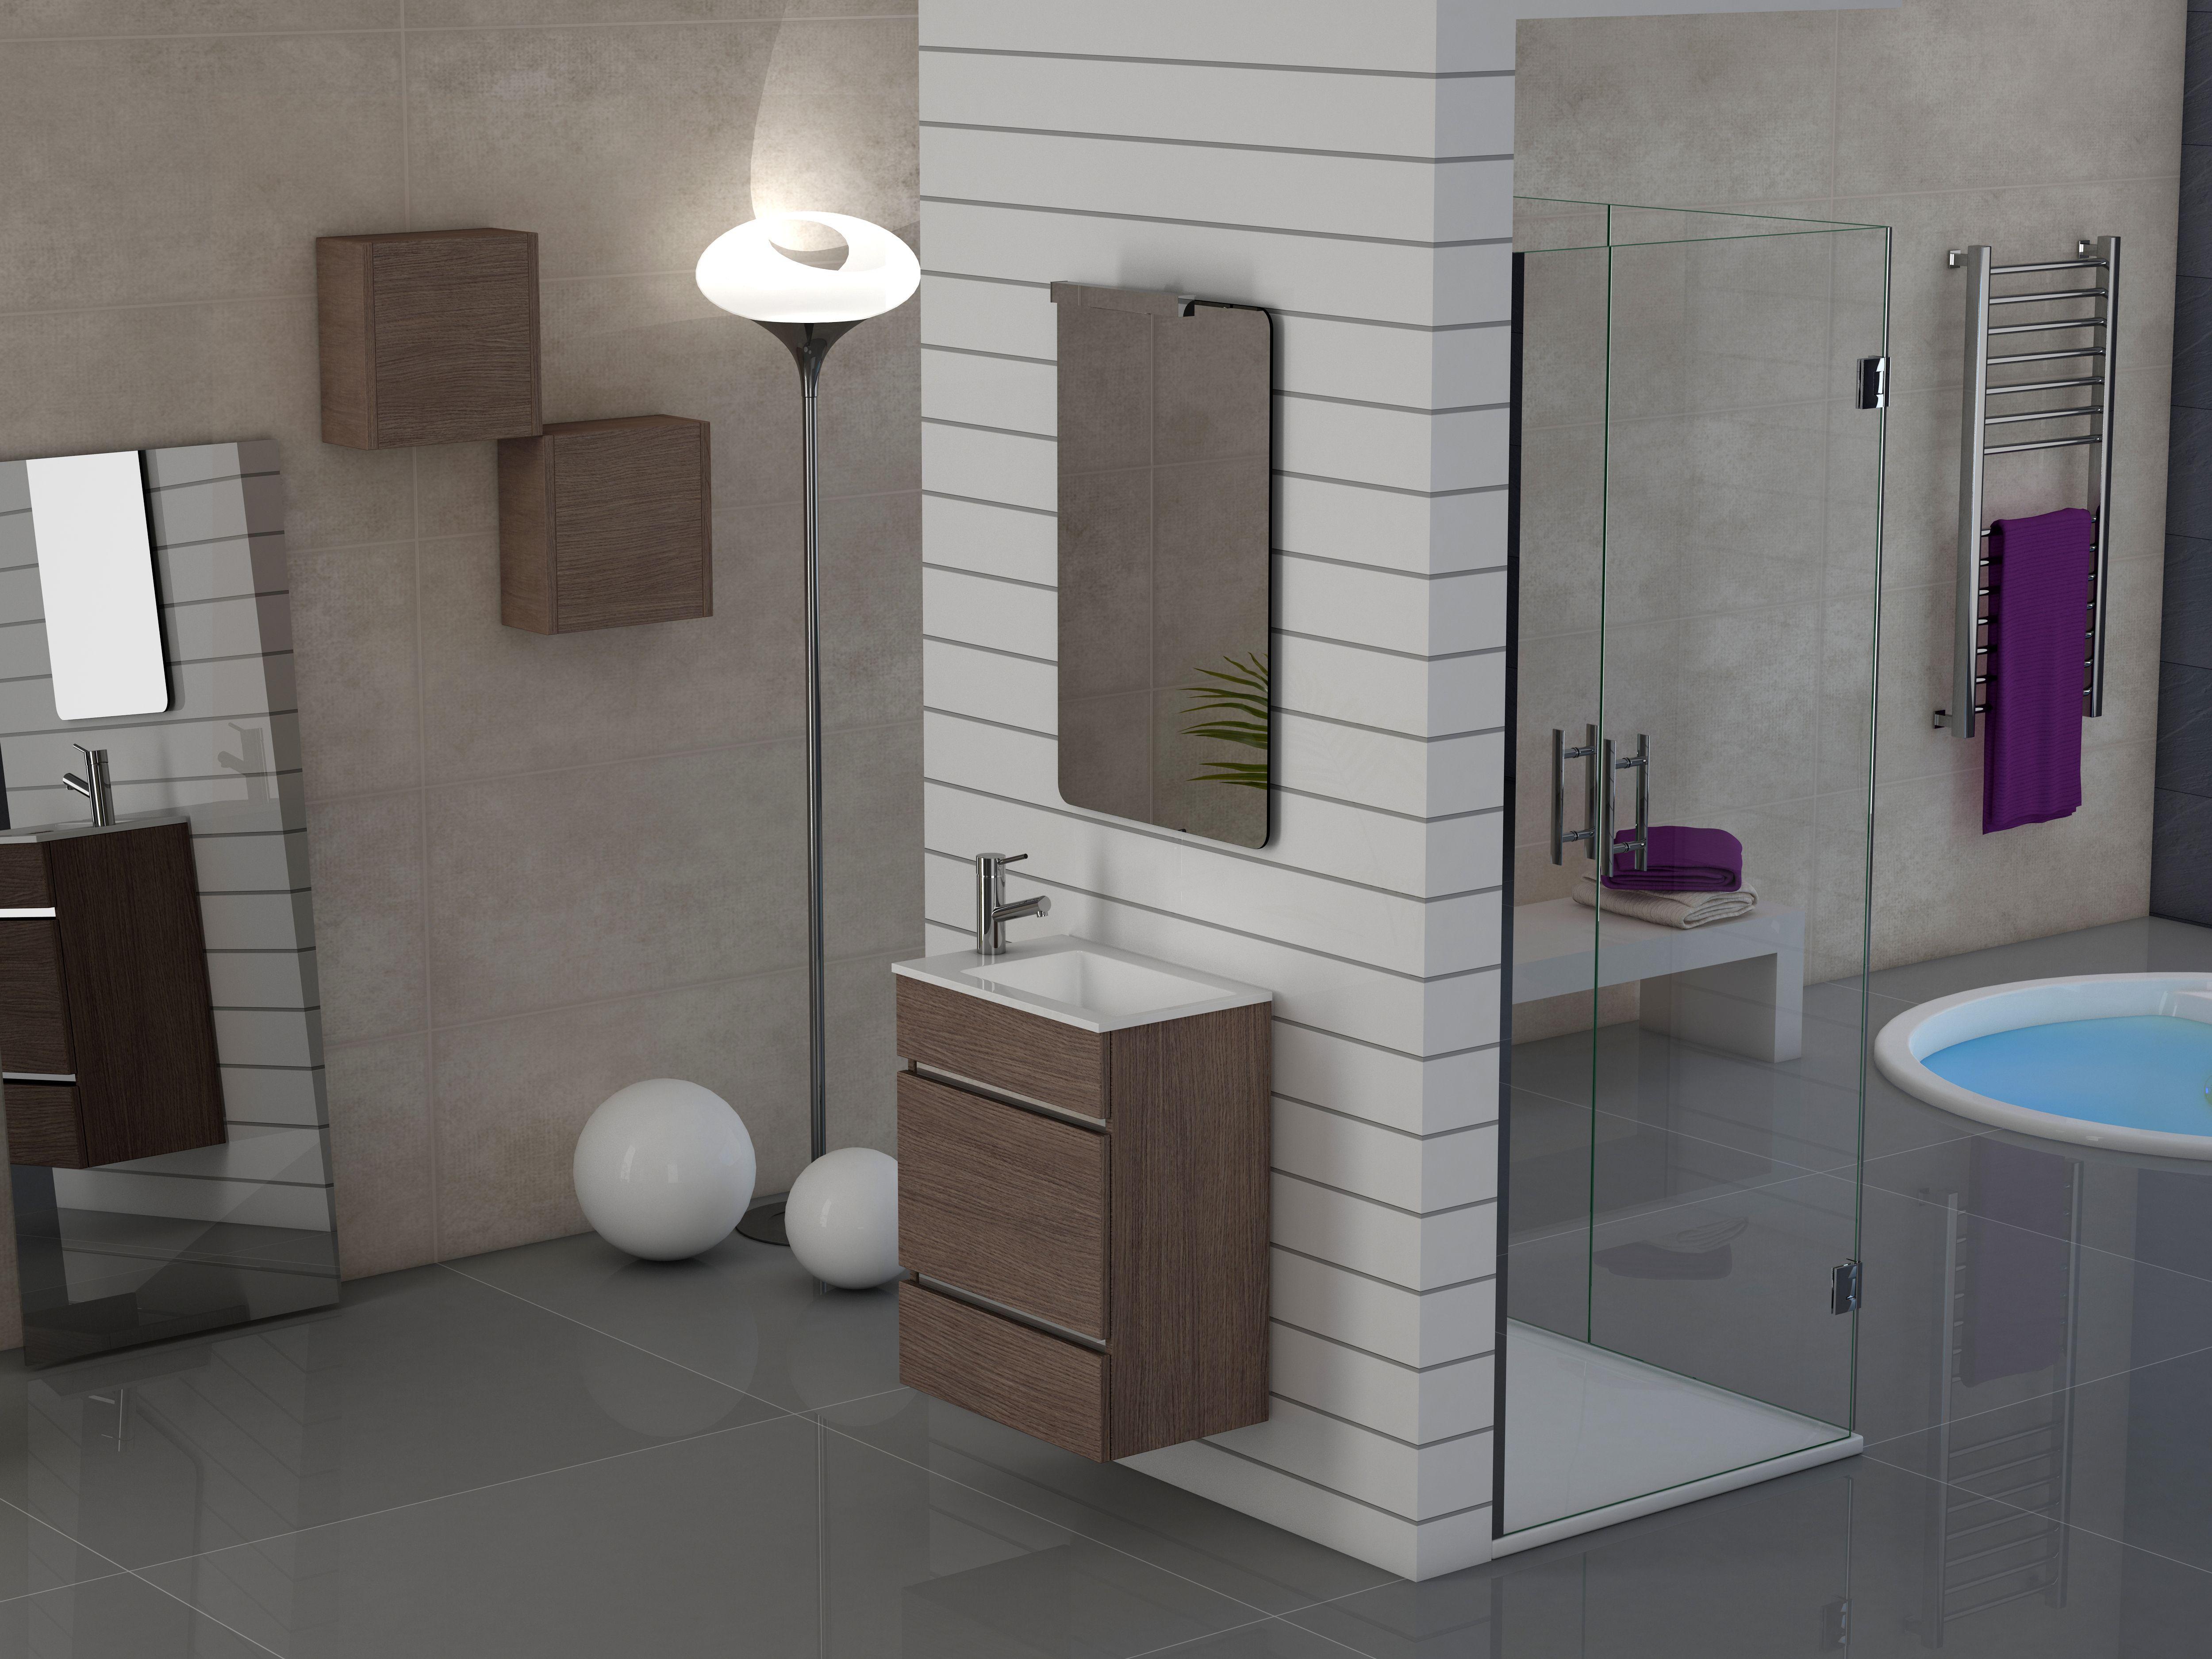 Un baño moderno: 5 elementos indispensables